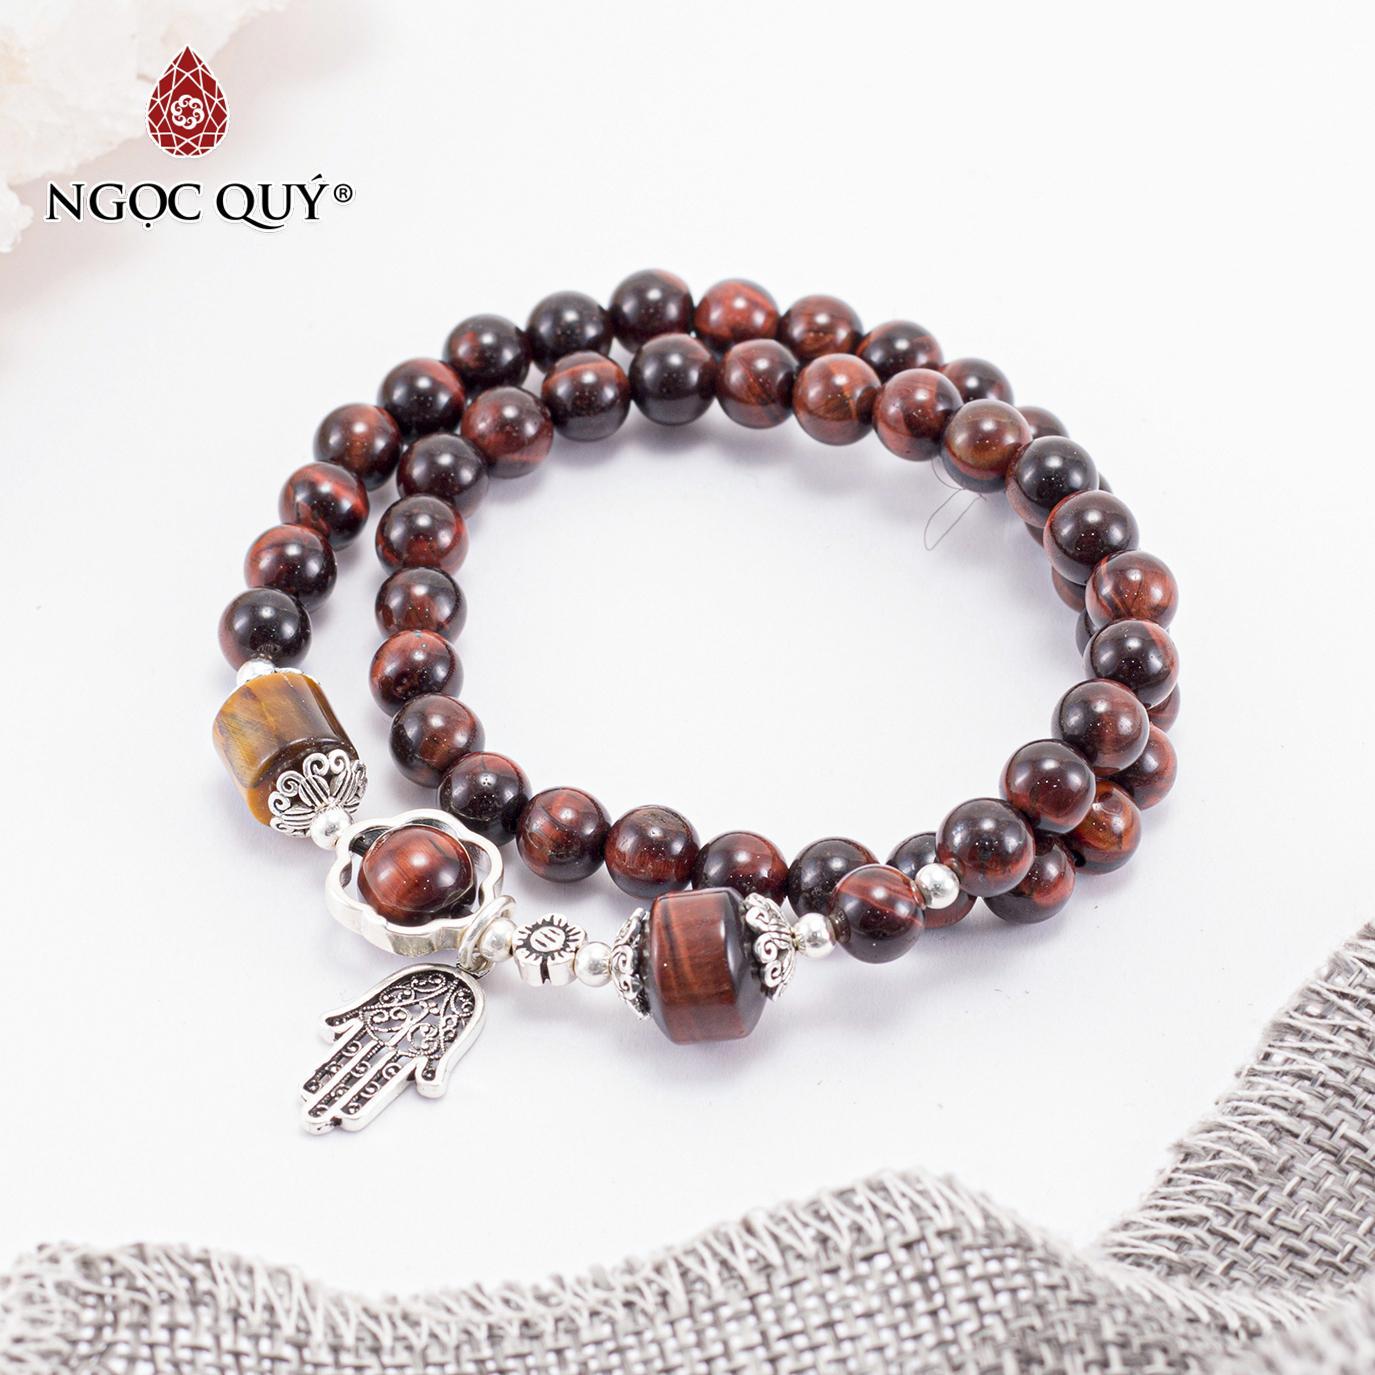 Vòng chuỗi hạt đeo tay 2 Line Đá Thạch Anh Mắt Hổ Đỏ Phối Charm Bạc Mệnh Hỏa , Thổ - Ngọc Quý Gemstones